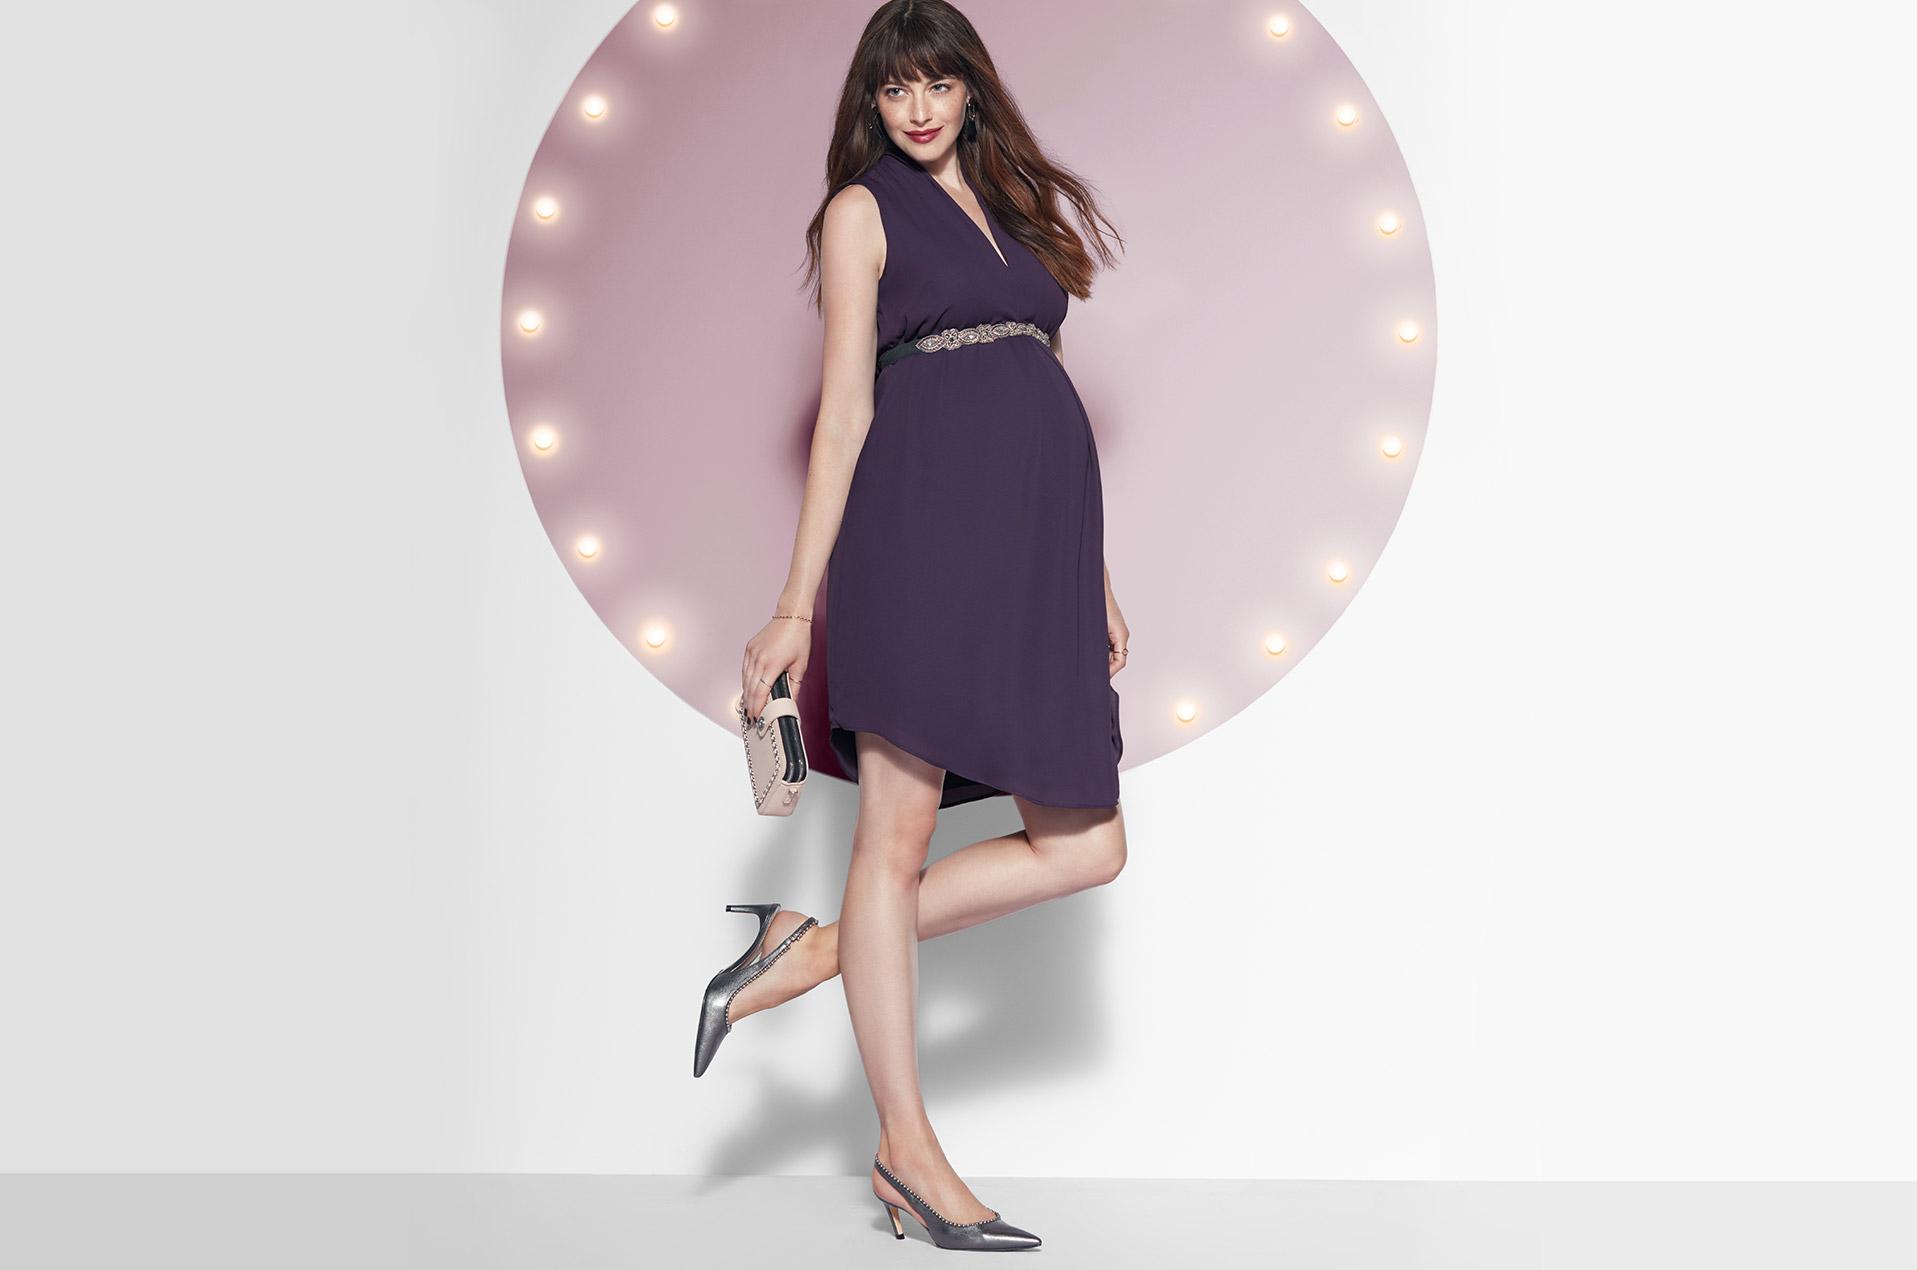 Velours, fines mailles ou dentelle - peu importe votre préférence, vous serez tout simplement éblouissante dans nos robes !